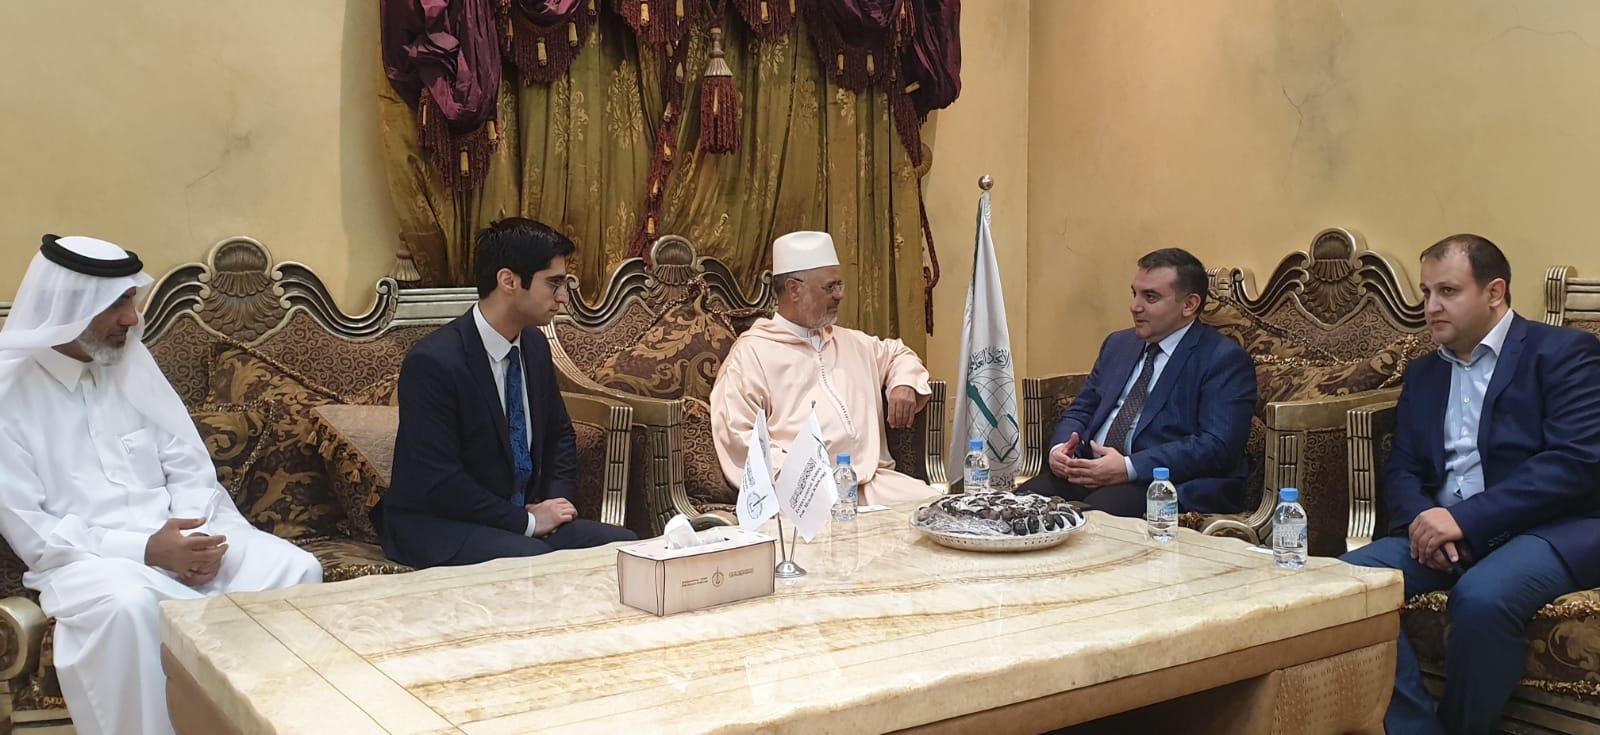 رئيس الاتحاد يستقبل سفير جمهورية أذربيجان في قطر